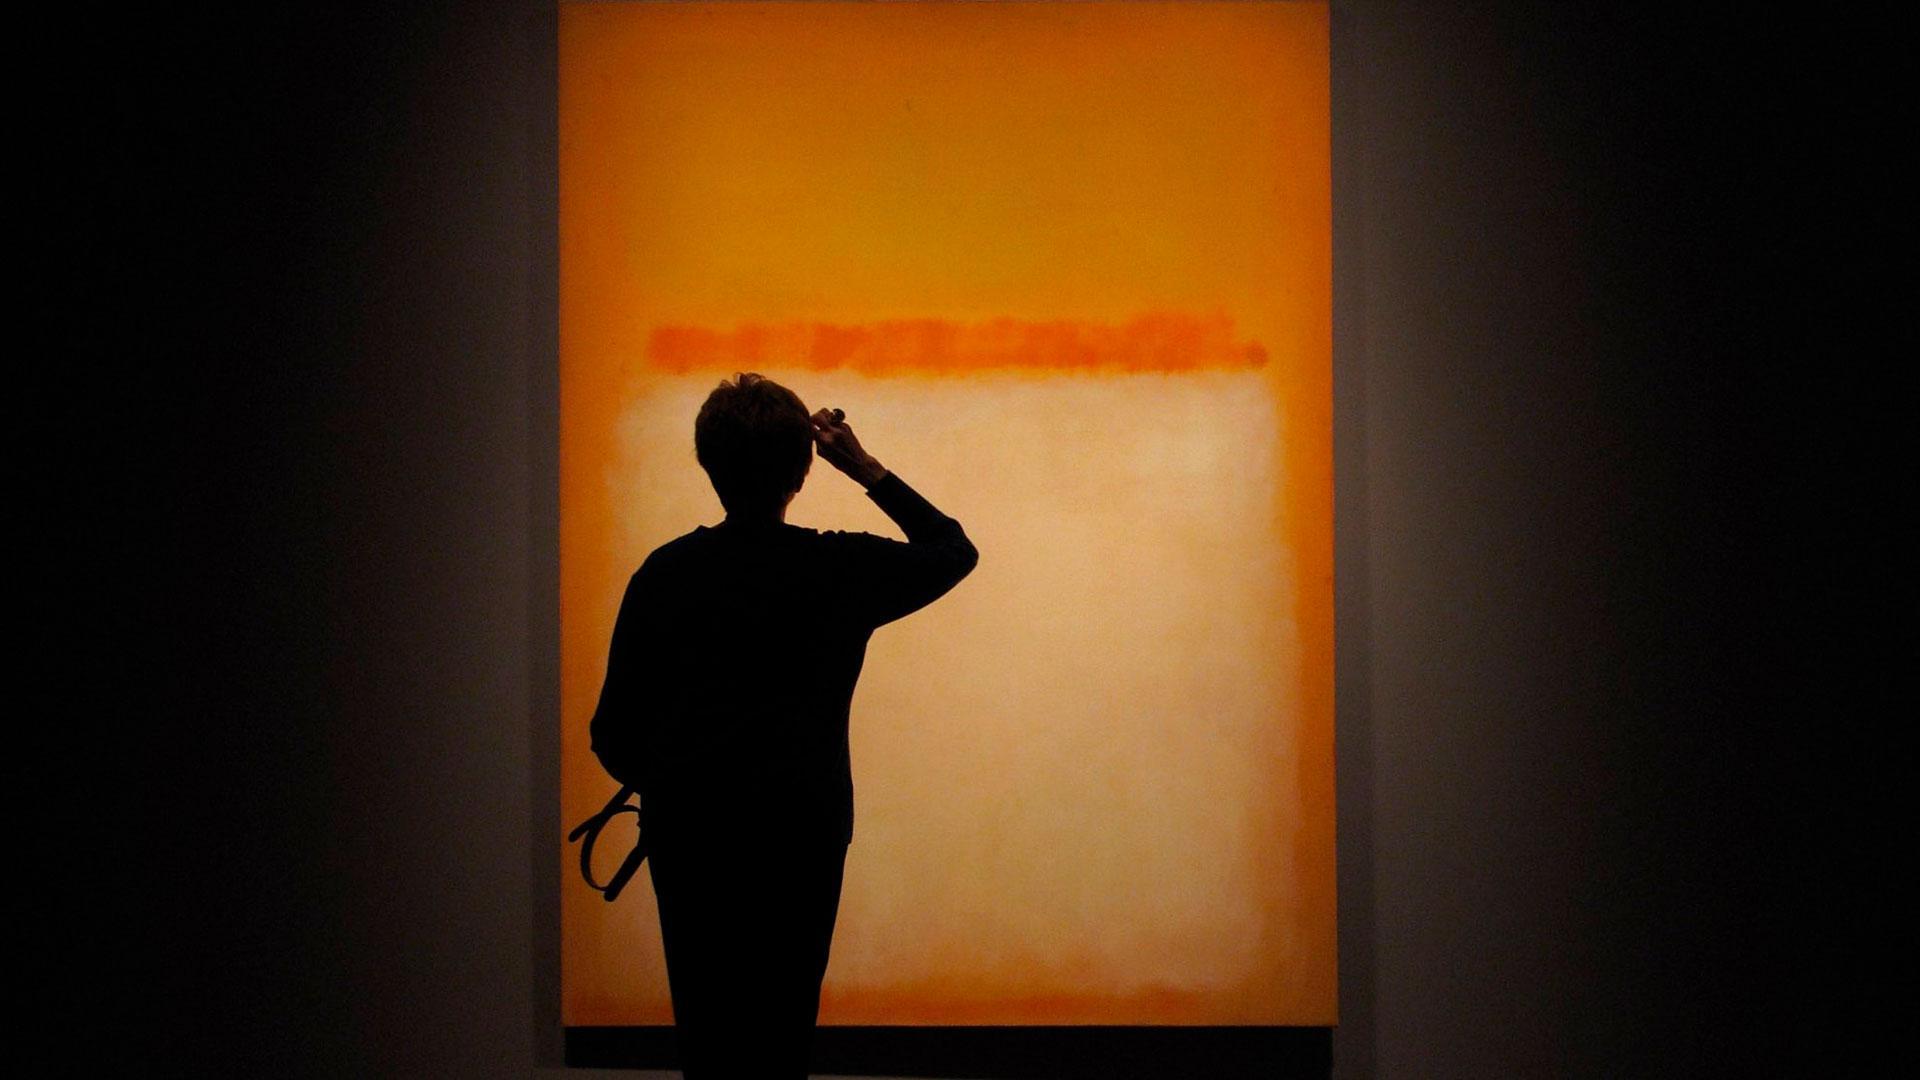 Абстракционизм заставил людей проявить абстрактное мышление